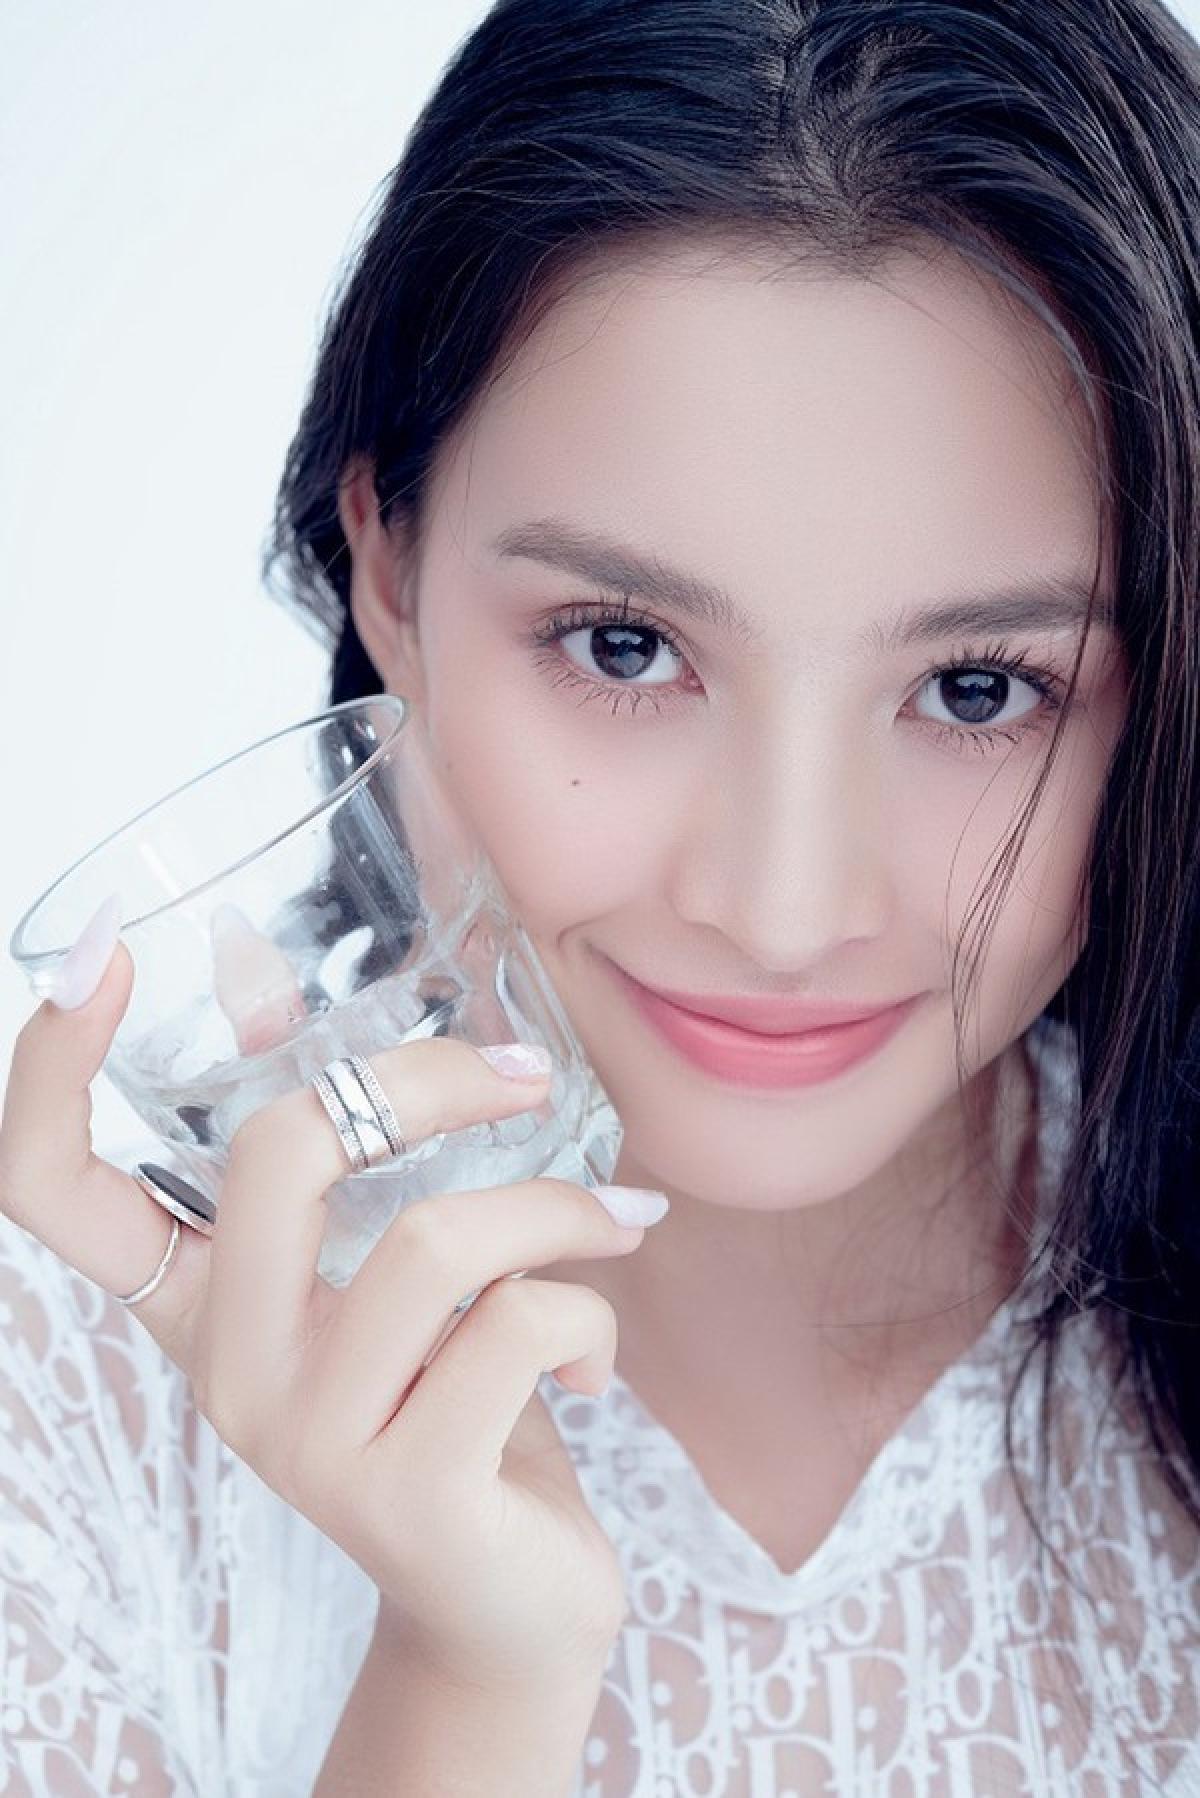 Được ưu ái vẻ đẹp hoàn hảo, Tiểu Vy ngày càng khẳng định vị thế của mình trong showbiz Việt.